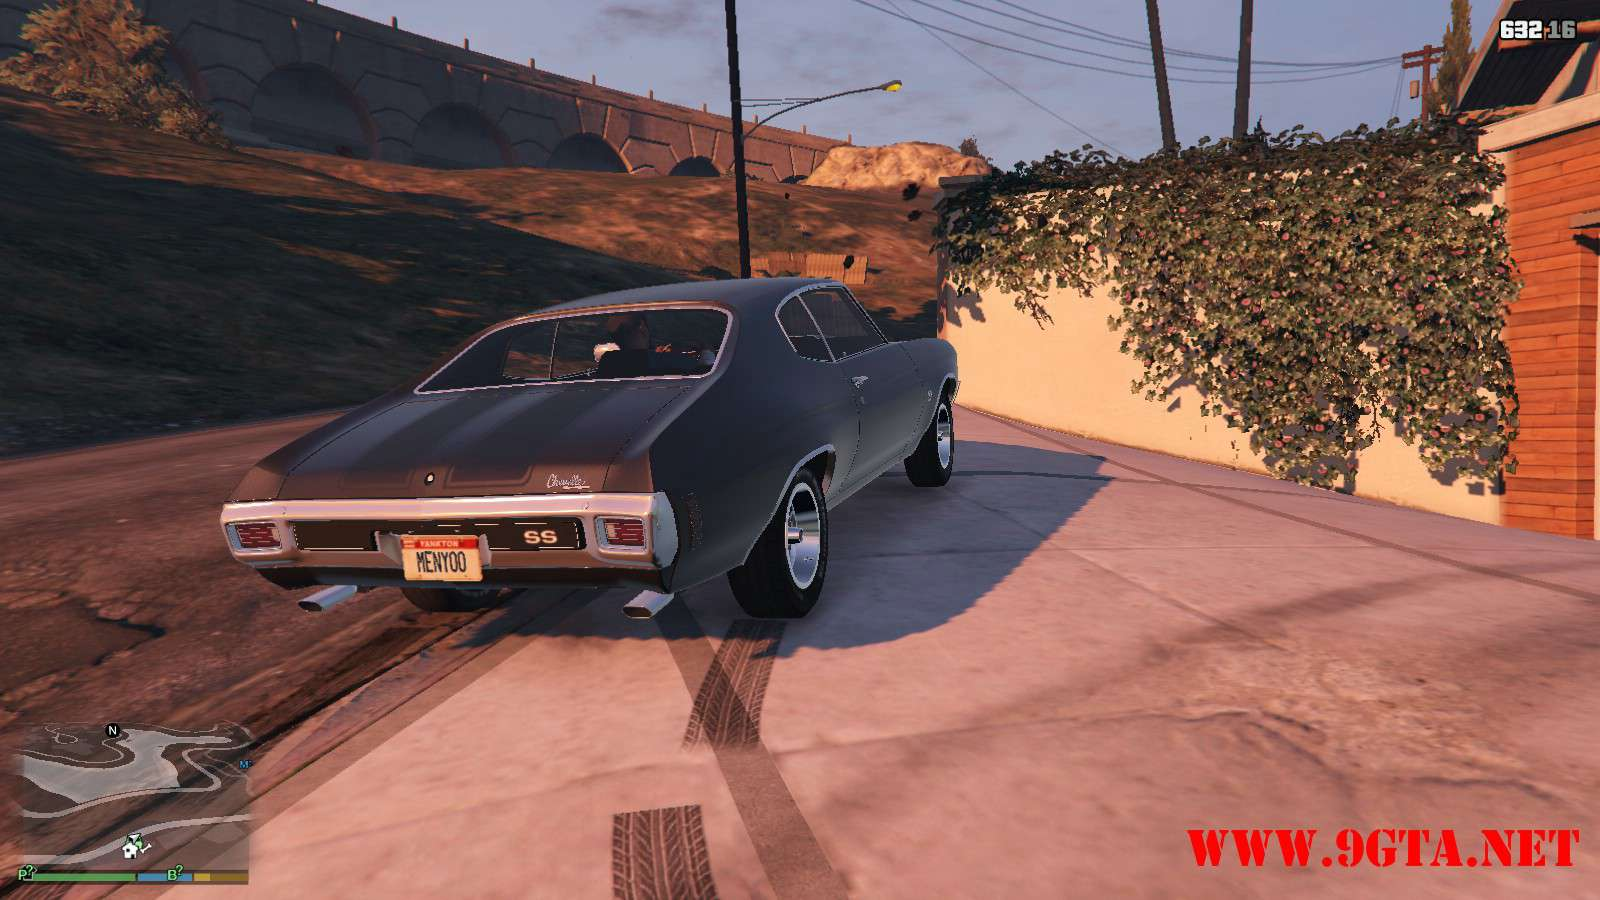 Chevrolet Chevelle SS v1.1 GTA5 Mods (21)